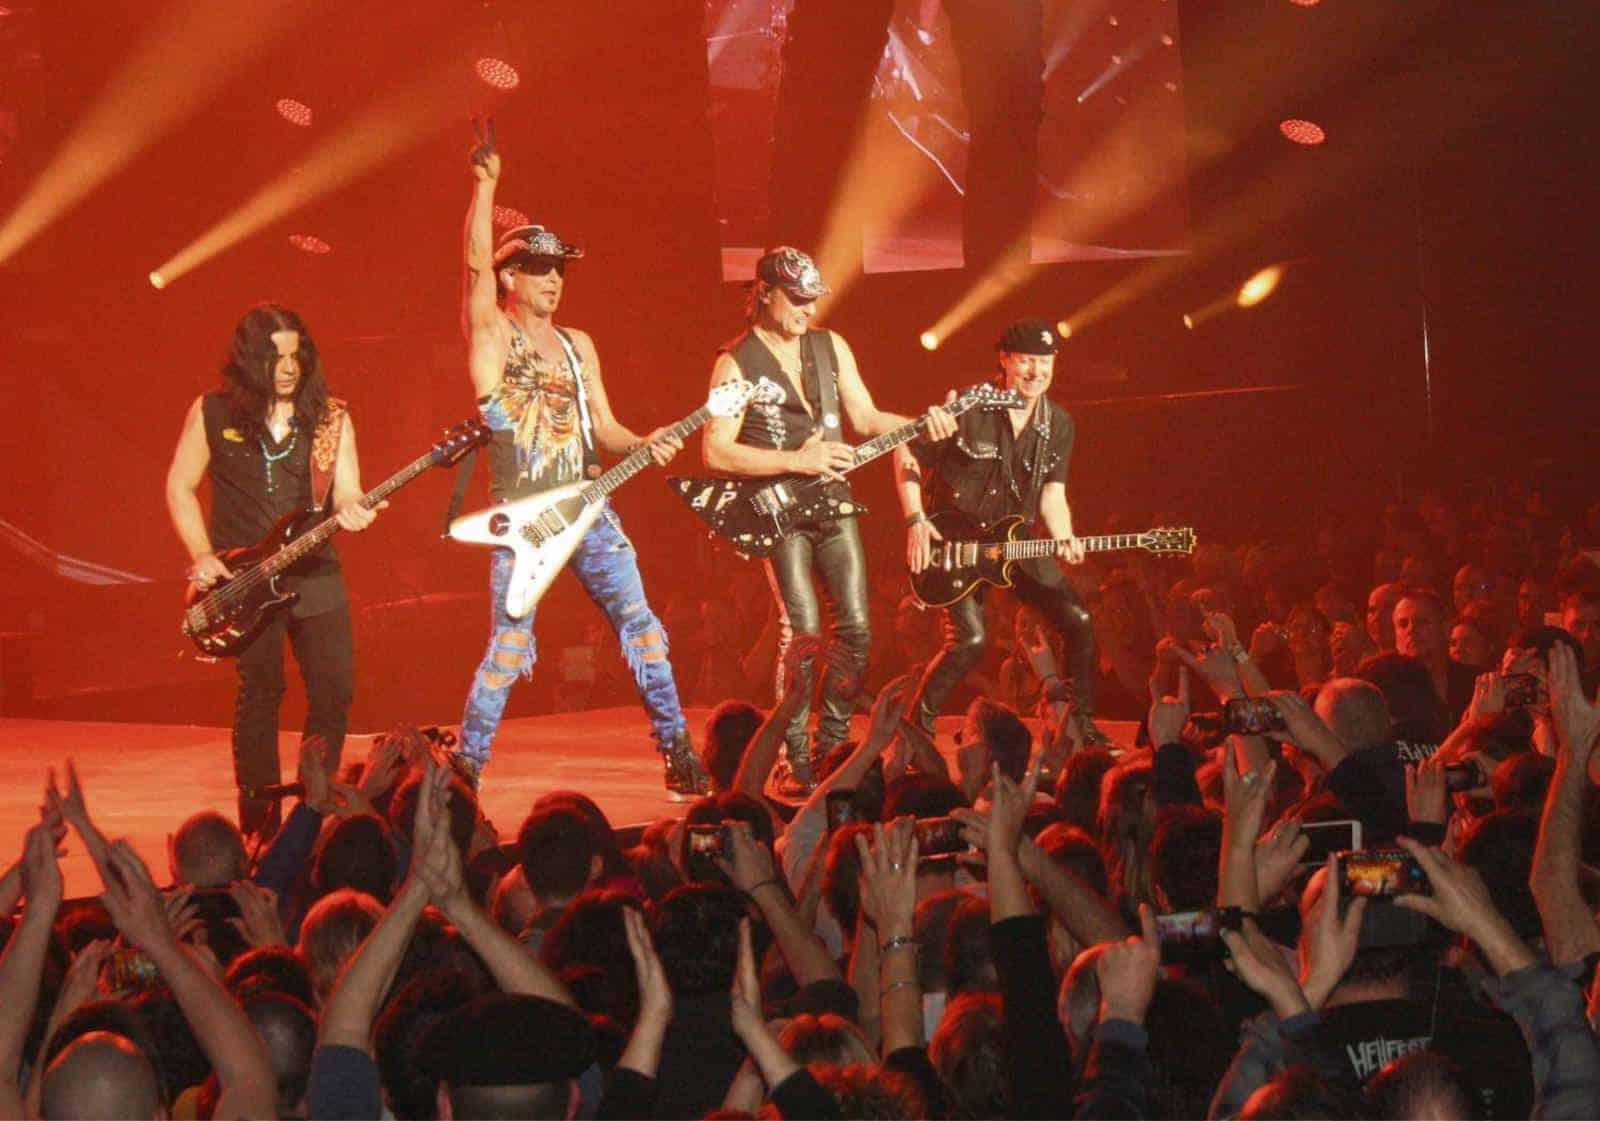 Концерт Scorpions в ВТБ арене